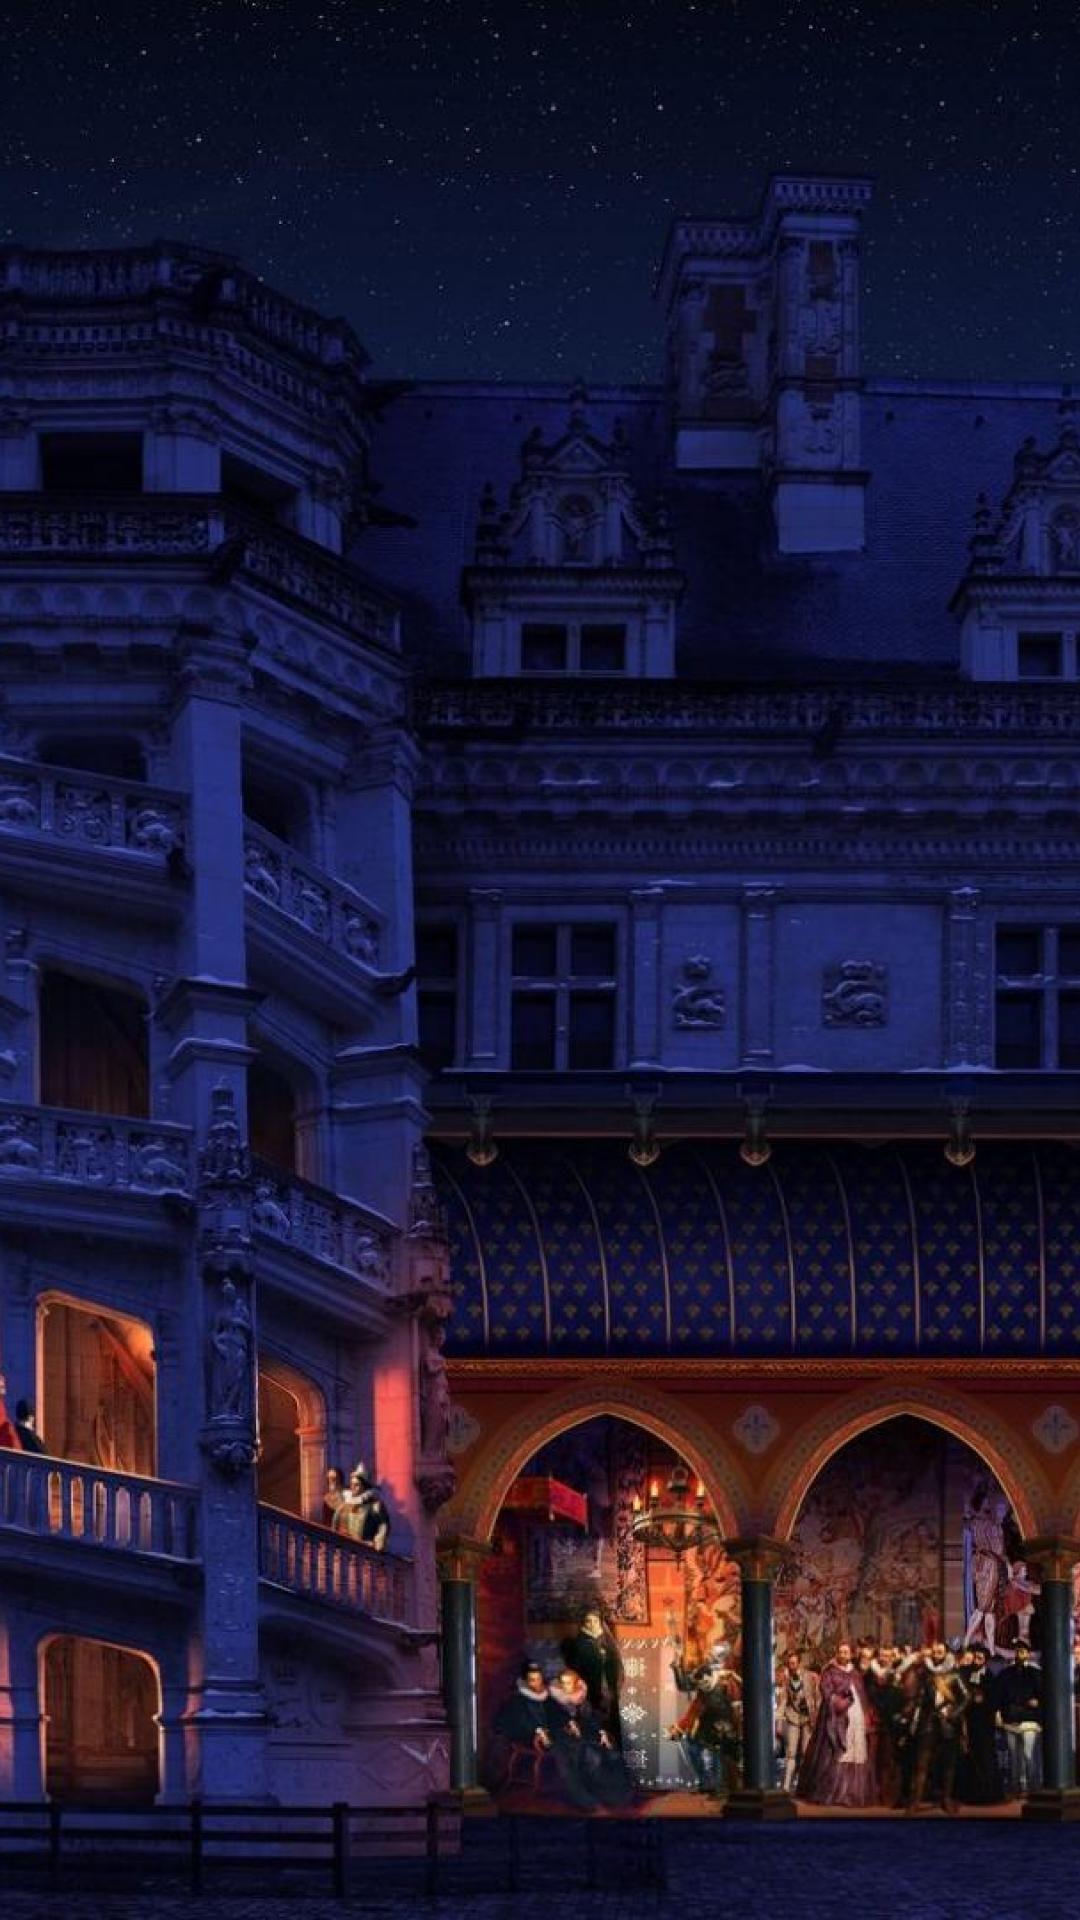 Küchenbar design-viertel nuevo espectáculo nocturno en el castillo real de blois valle del